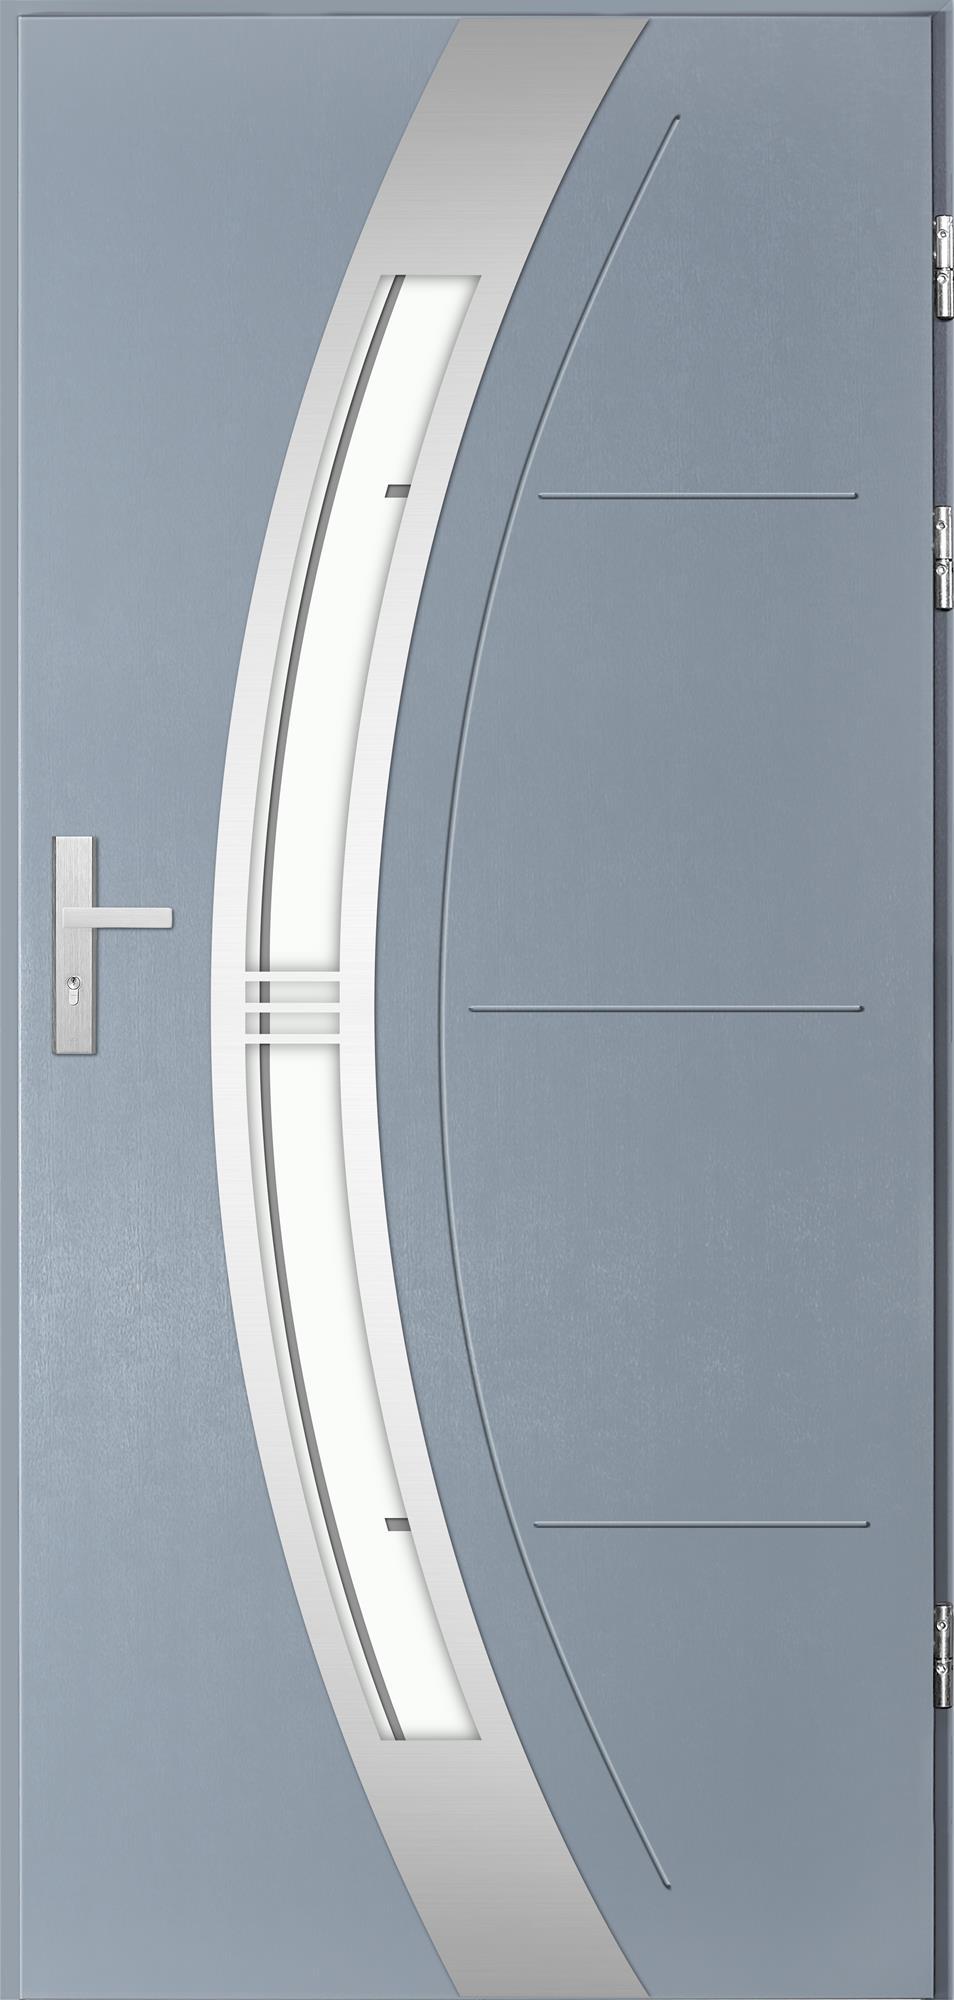 Venkovní vchodové dveøe Andrea, svìtlý antracit